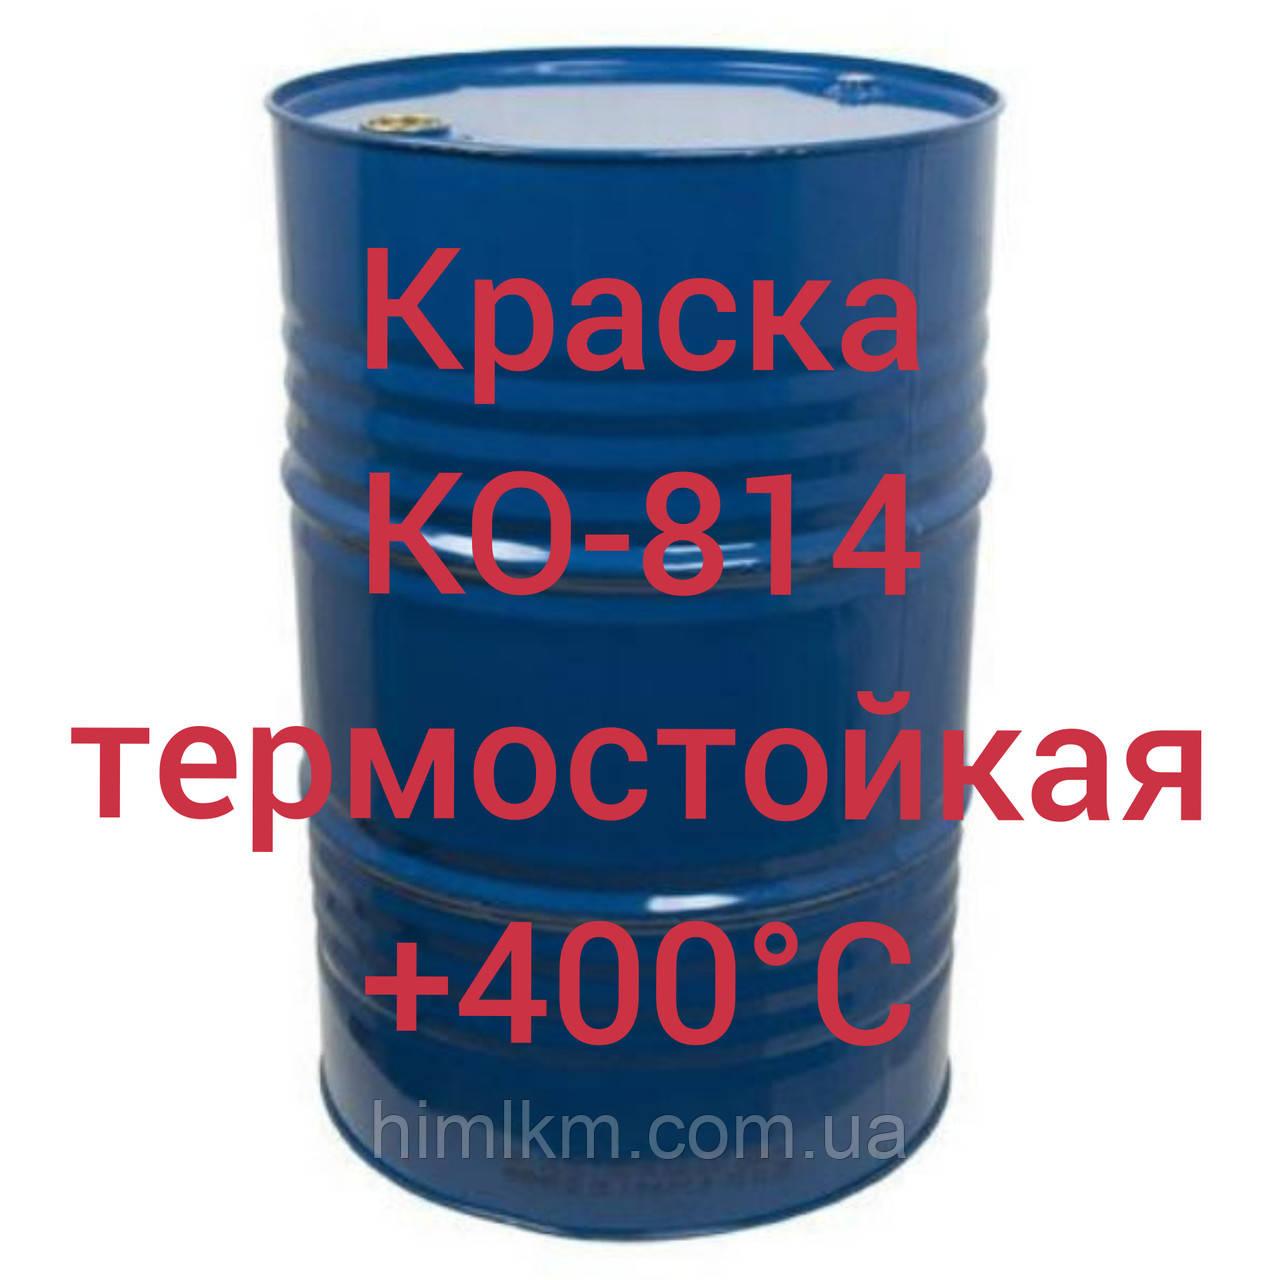 КО-814 Эмаль +400°С для окраски металлических изделий, длительно работающих при температуре до 400 °С